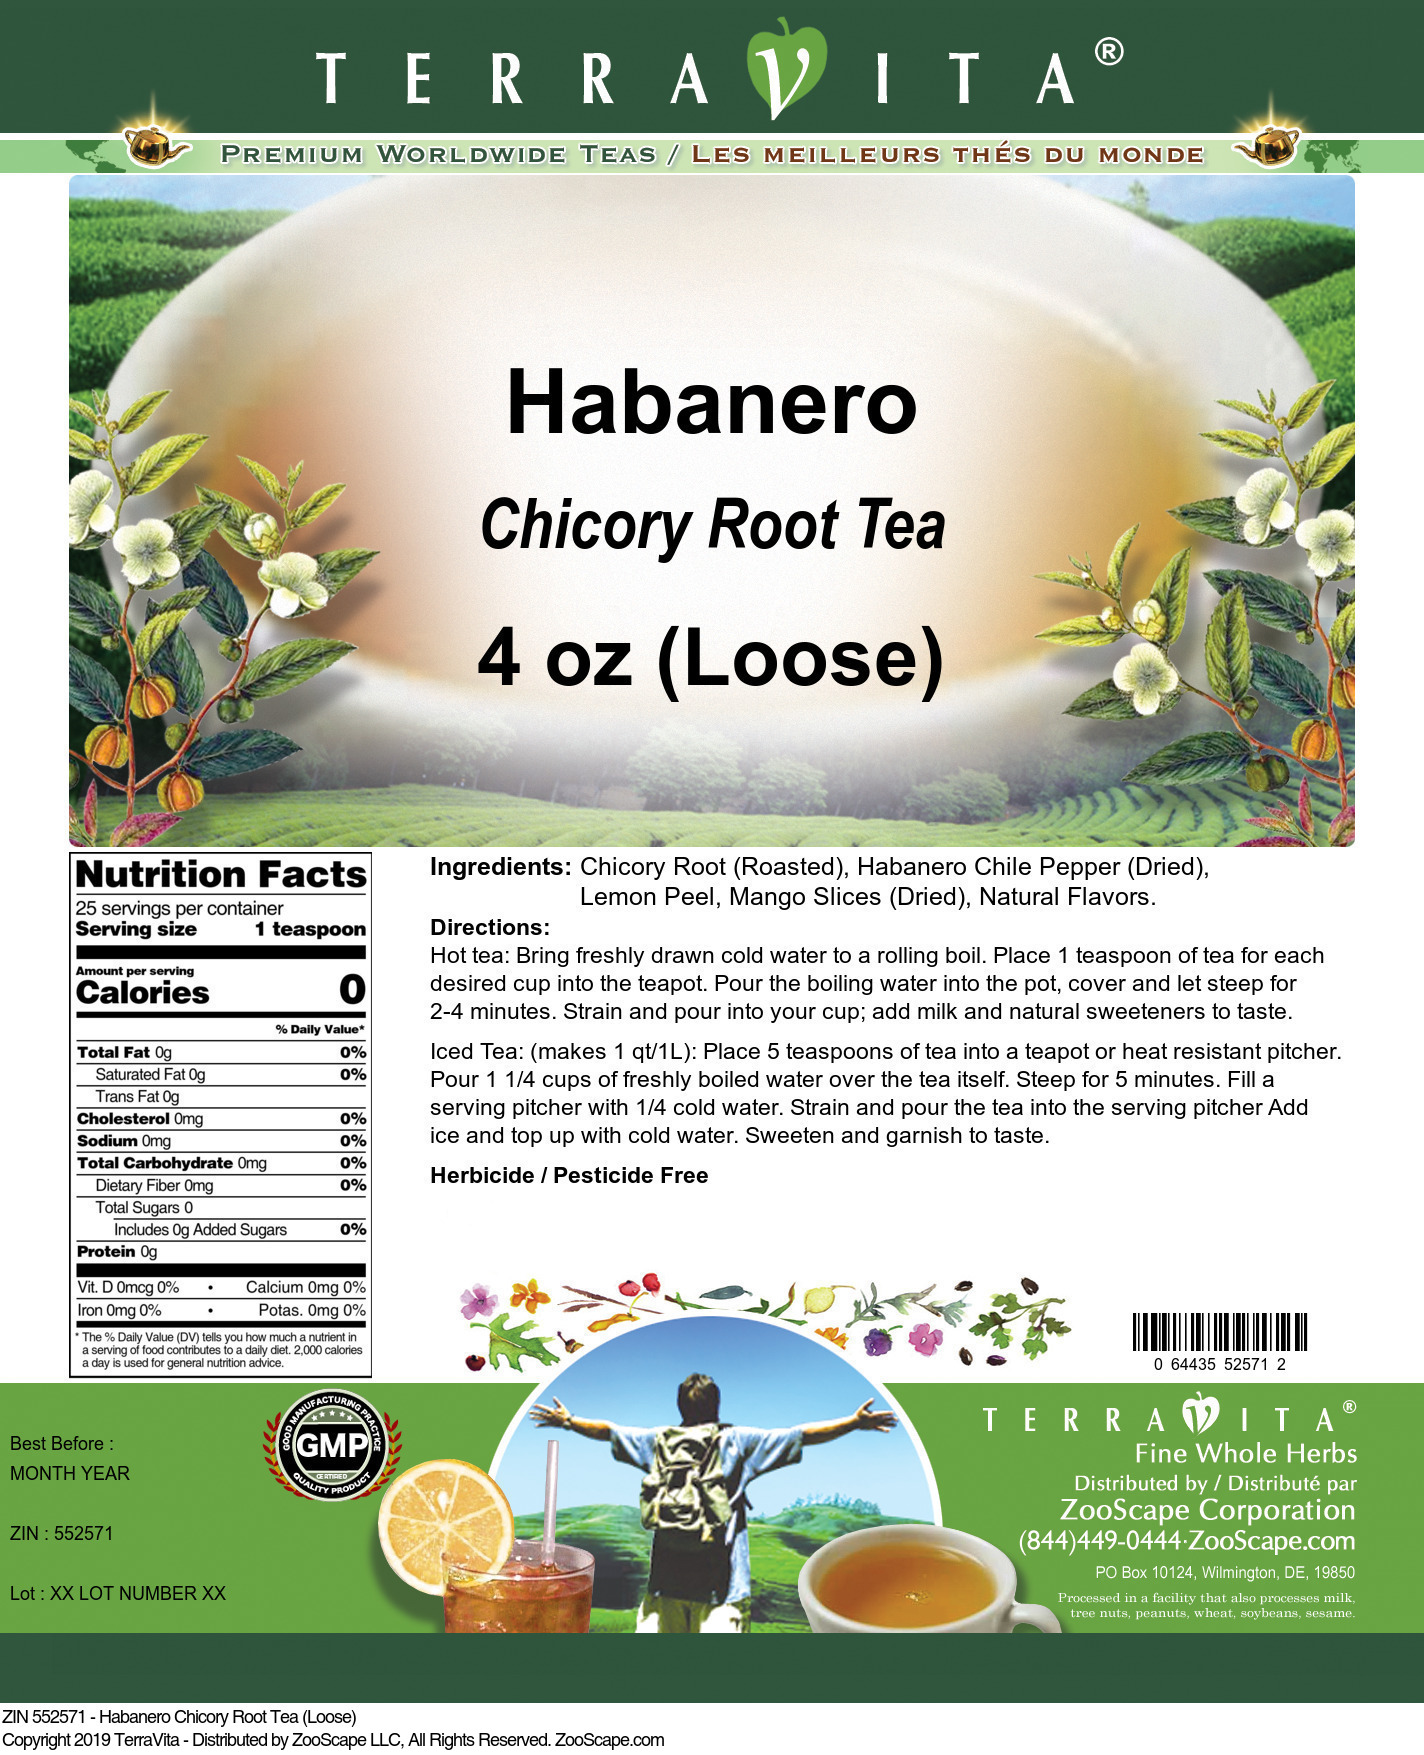 Habanero Chicory Root